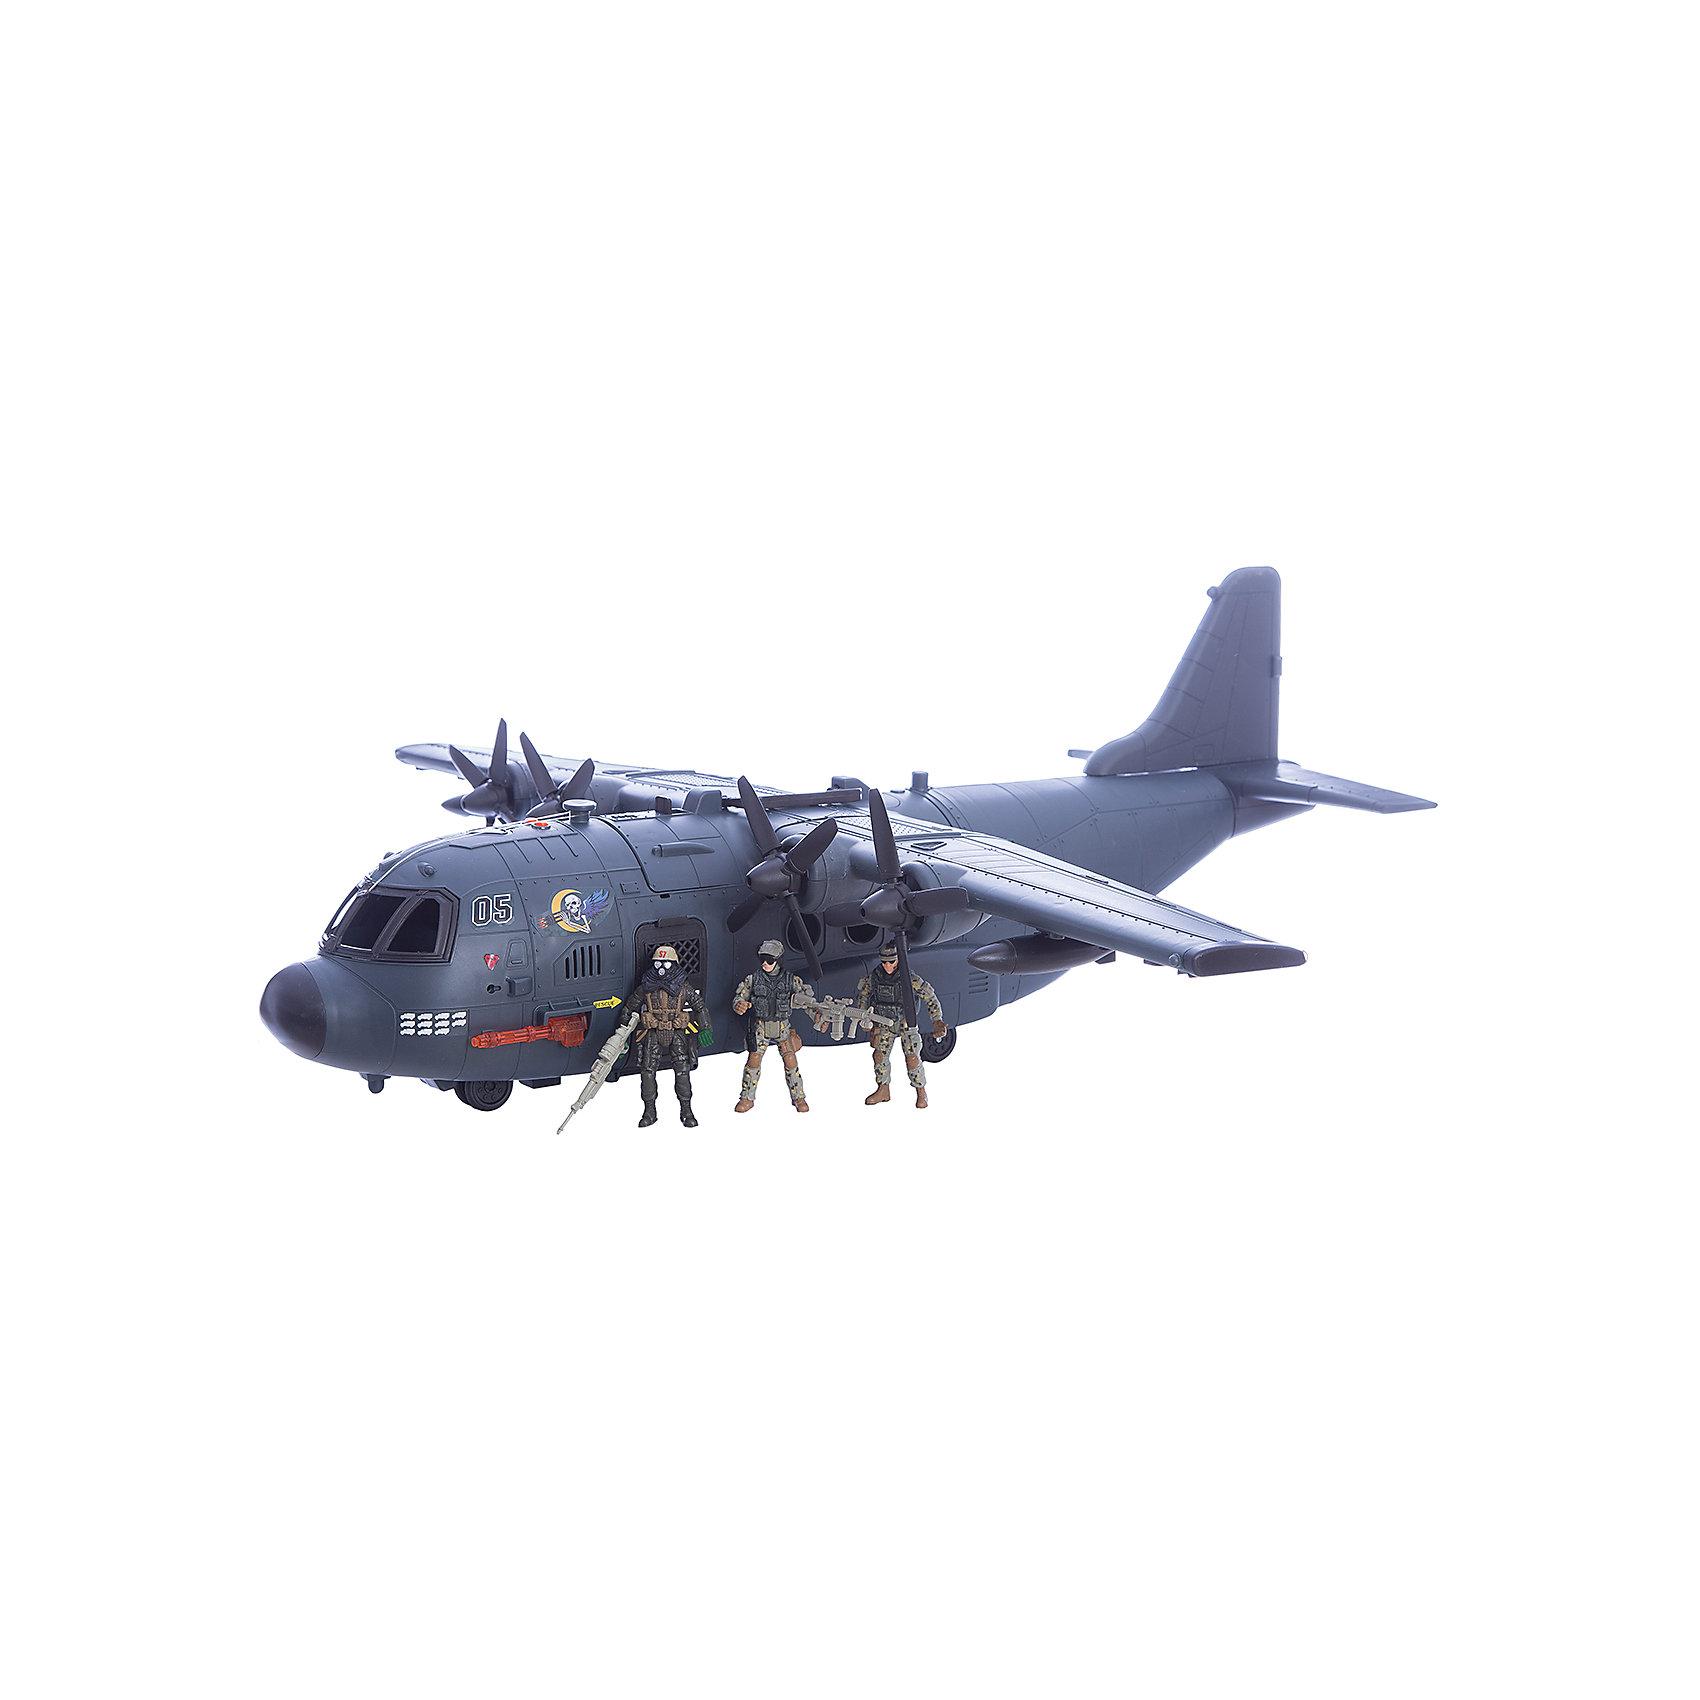 Игровой набор Военно-транспортный самолет, Chap MeiСолдатики и рыцари<br>Игровой набор Военно-транспортный самолет, Chap Mei.<br><br>Характеристики:<br><br>- В наборе: самолет, 3 фигурки солдат, аксессуары<br>- Длина размаха крыла: 85 см.<br>- Размер самолета: 75х30 см.<br>- Батарейки: 3 типа AG13<br>- Материал: пластик<br>- Размер упаковки: 78 х 36 х 30 см.<br><br>Набор Военно-транспортный самолет, Chap Mei - это потрясающий игровой набор из серии Solder Force VIII, с которым мальчику точно не придется скучать. Ведь с таким набором можно обыграть практически любой современный сюжет, связанный с военными действиями. Огромный транспортный самолет со световыми и звуковыми эффектами всегда готов к полету. В его кабину можно посадить фигурку пилота. А для транспортировки грузов у самолета открывается люк. Для максимального удовольствия от игрового процесса в данном комплекте предусмотрено множество аксессуаров. Все элементы набора изготовлены из качественного пластика и тщательно детализированы. Игровой набор способствует развитию у ребенка воображения, внимания и мелкой моторики.<br><br>Игровой набор Военно-транспортный самолет, Chap Mei можно купить в нашем интернет-магазине.<br><br>Ширина мм: 77<br>Глубина мм: 36<br>Высота мм: 30<br>Вес г: 3150<br>Возраст от месяцев: 36<br>Возраст до месяцев: 2147483647<br>Пол: Мужской<br>Возраст: Детский<br>SKU: 5055445